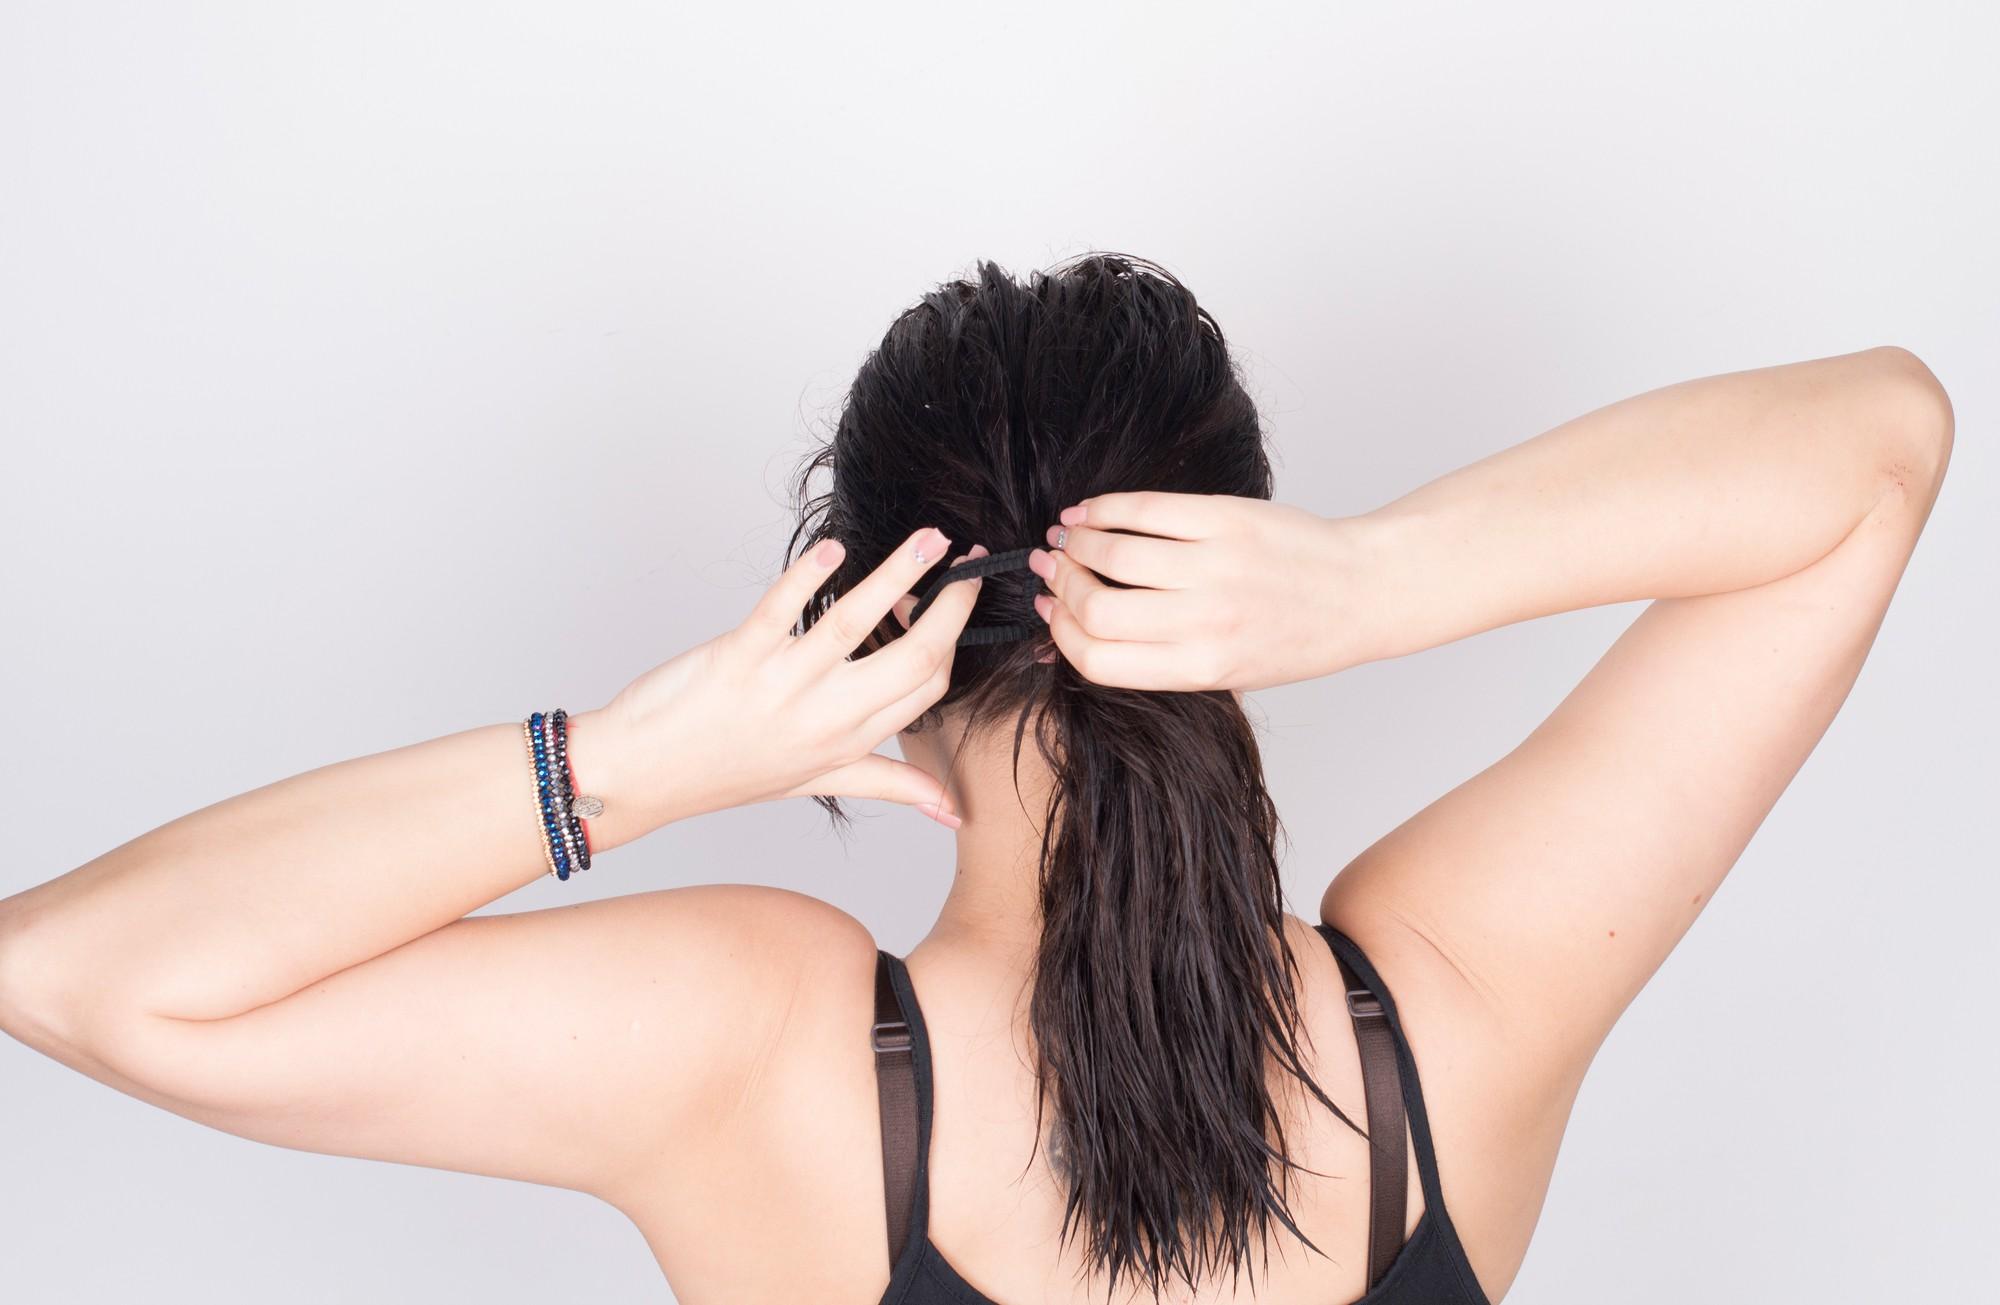 Từ thói quen nhiều bạn gái hay mắc phải đến căn bệnh trứng tóc không thể coi thường - Ảnh 3.